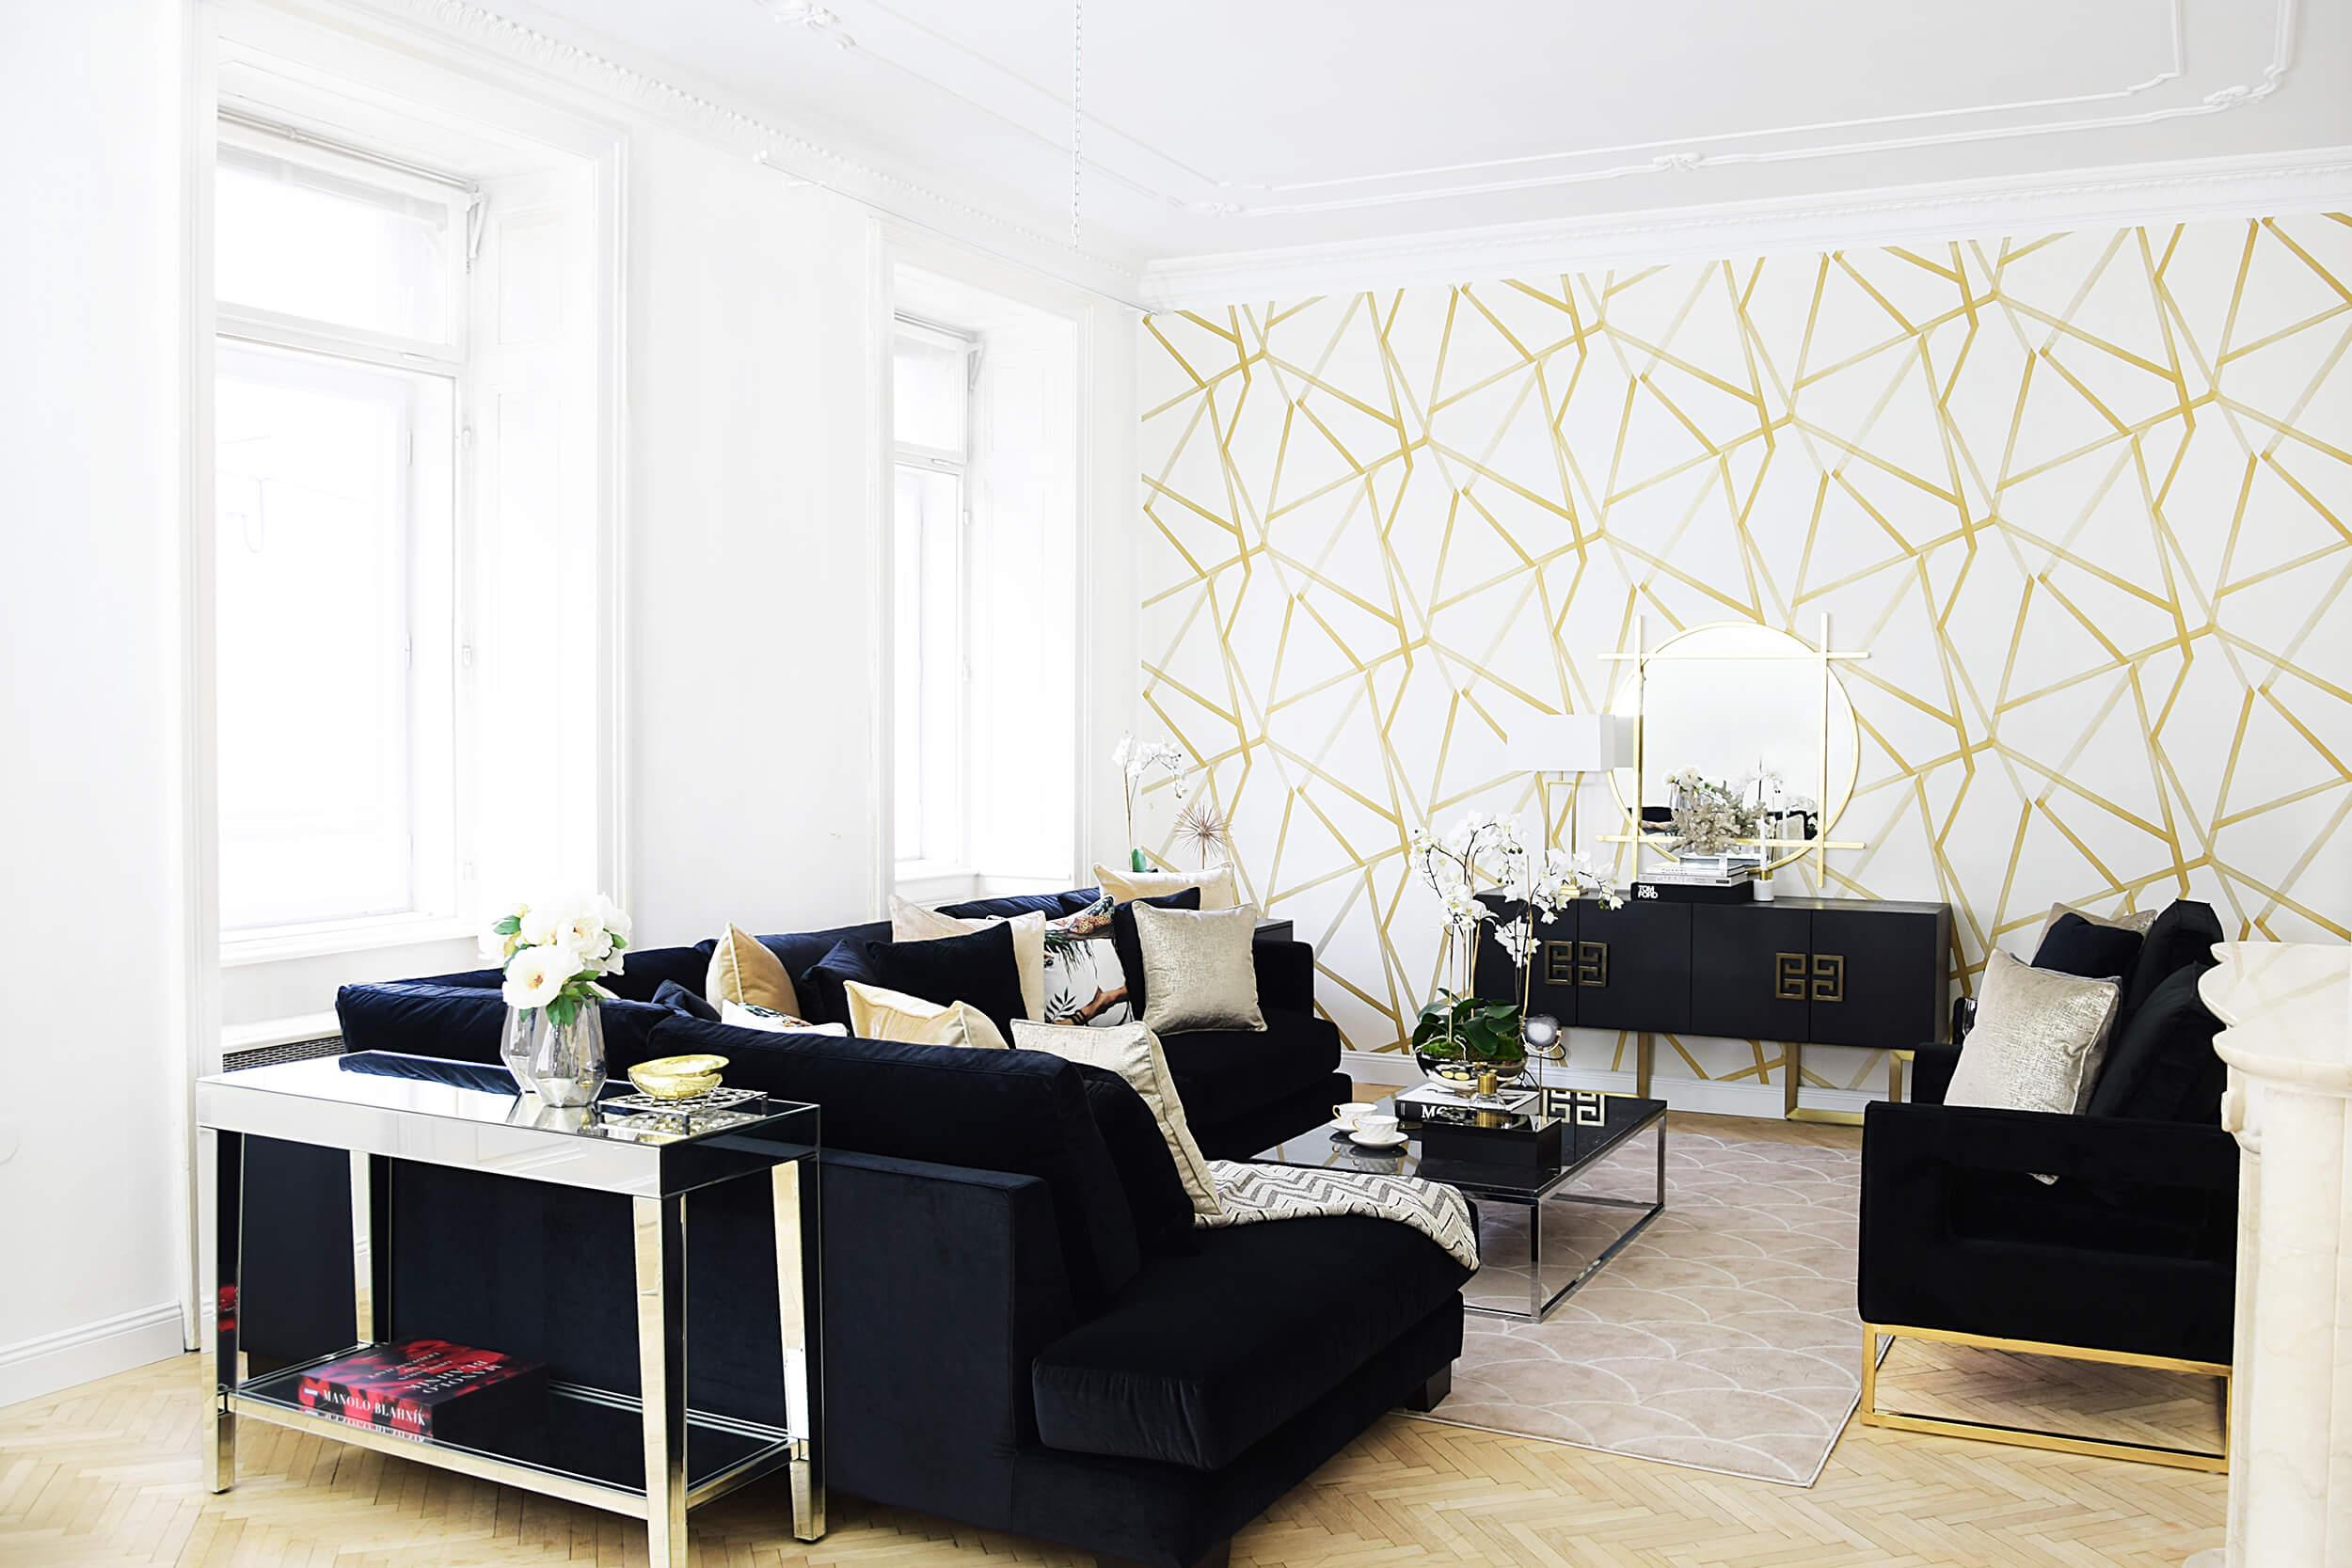 Black Velvet - Wohnzimmer in schwarzem Samt